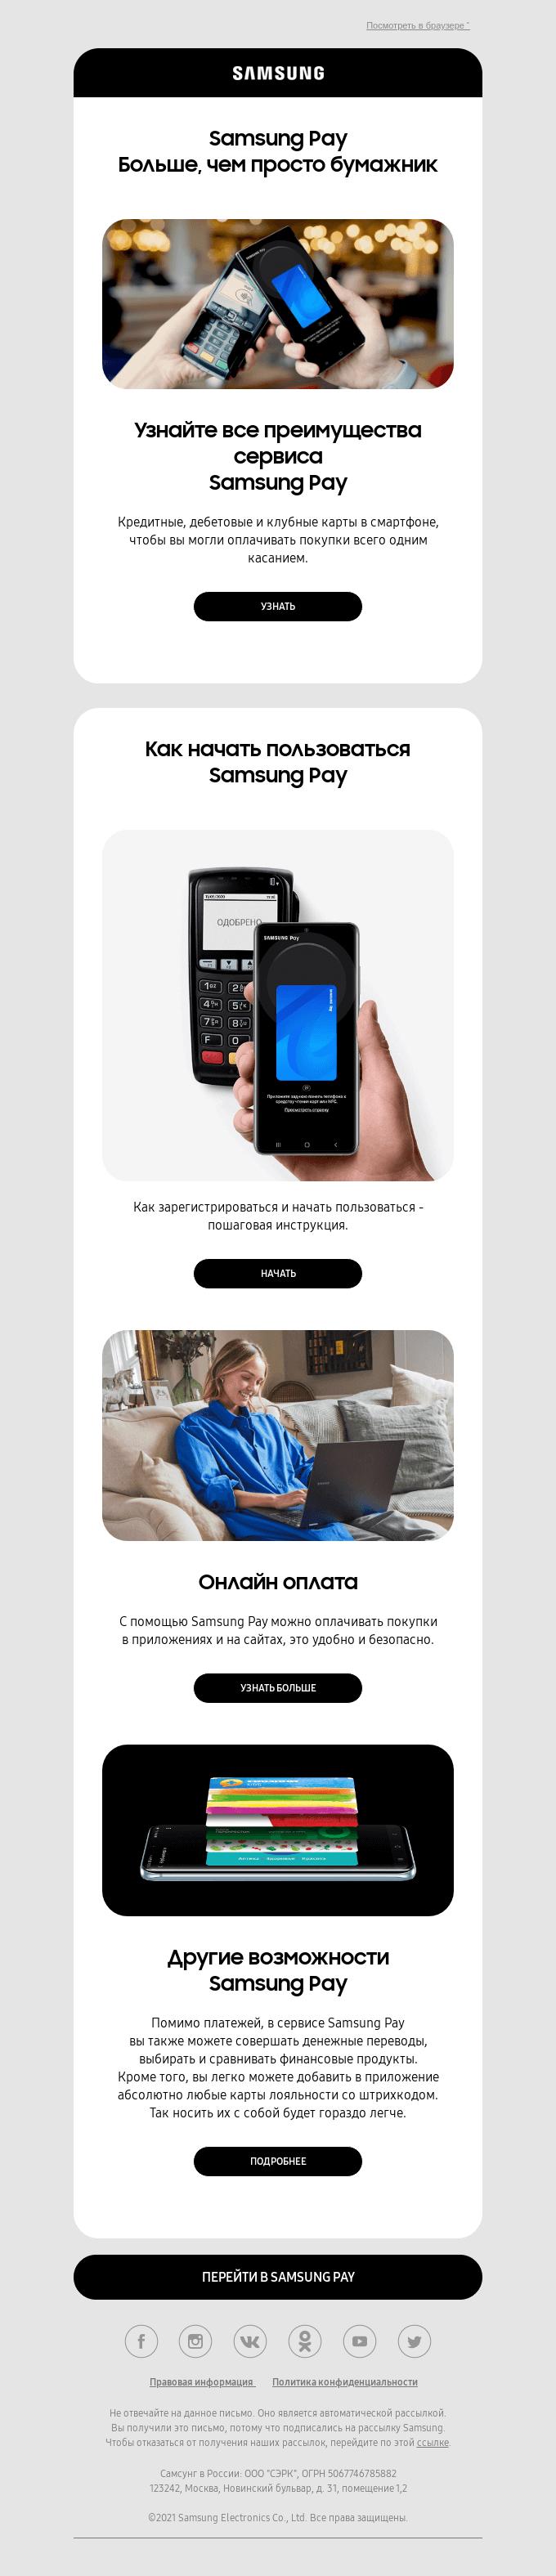 Узнайте, как начать пользоваться SamsungPay